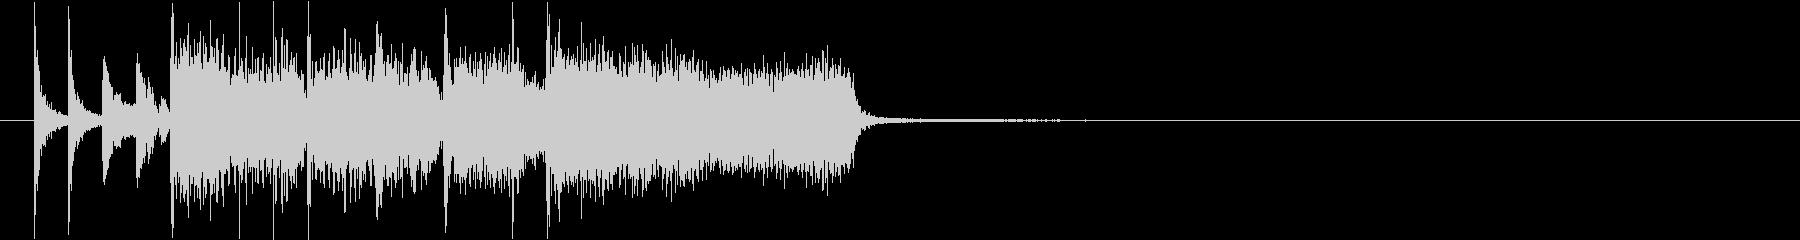 カートレースが始まるジングル03の未再生の波形